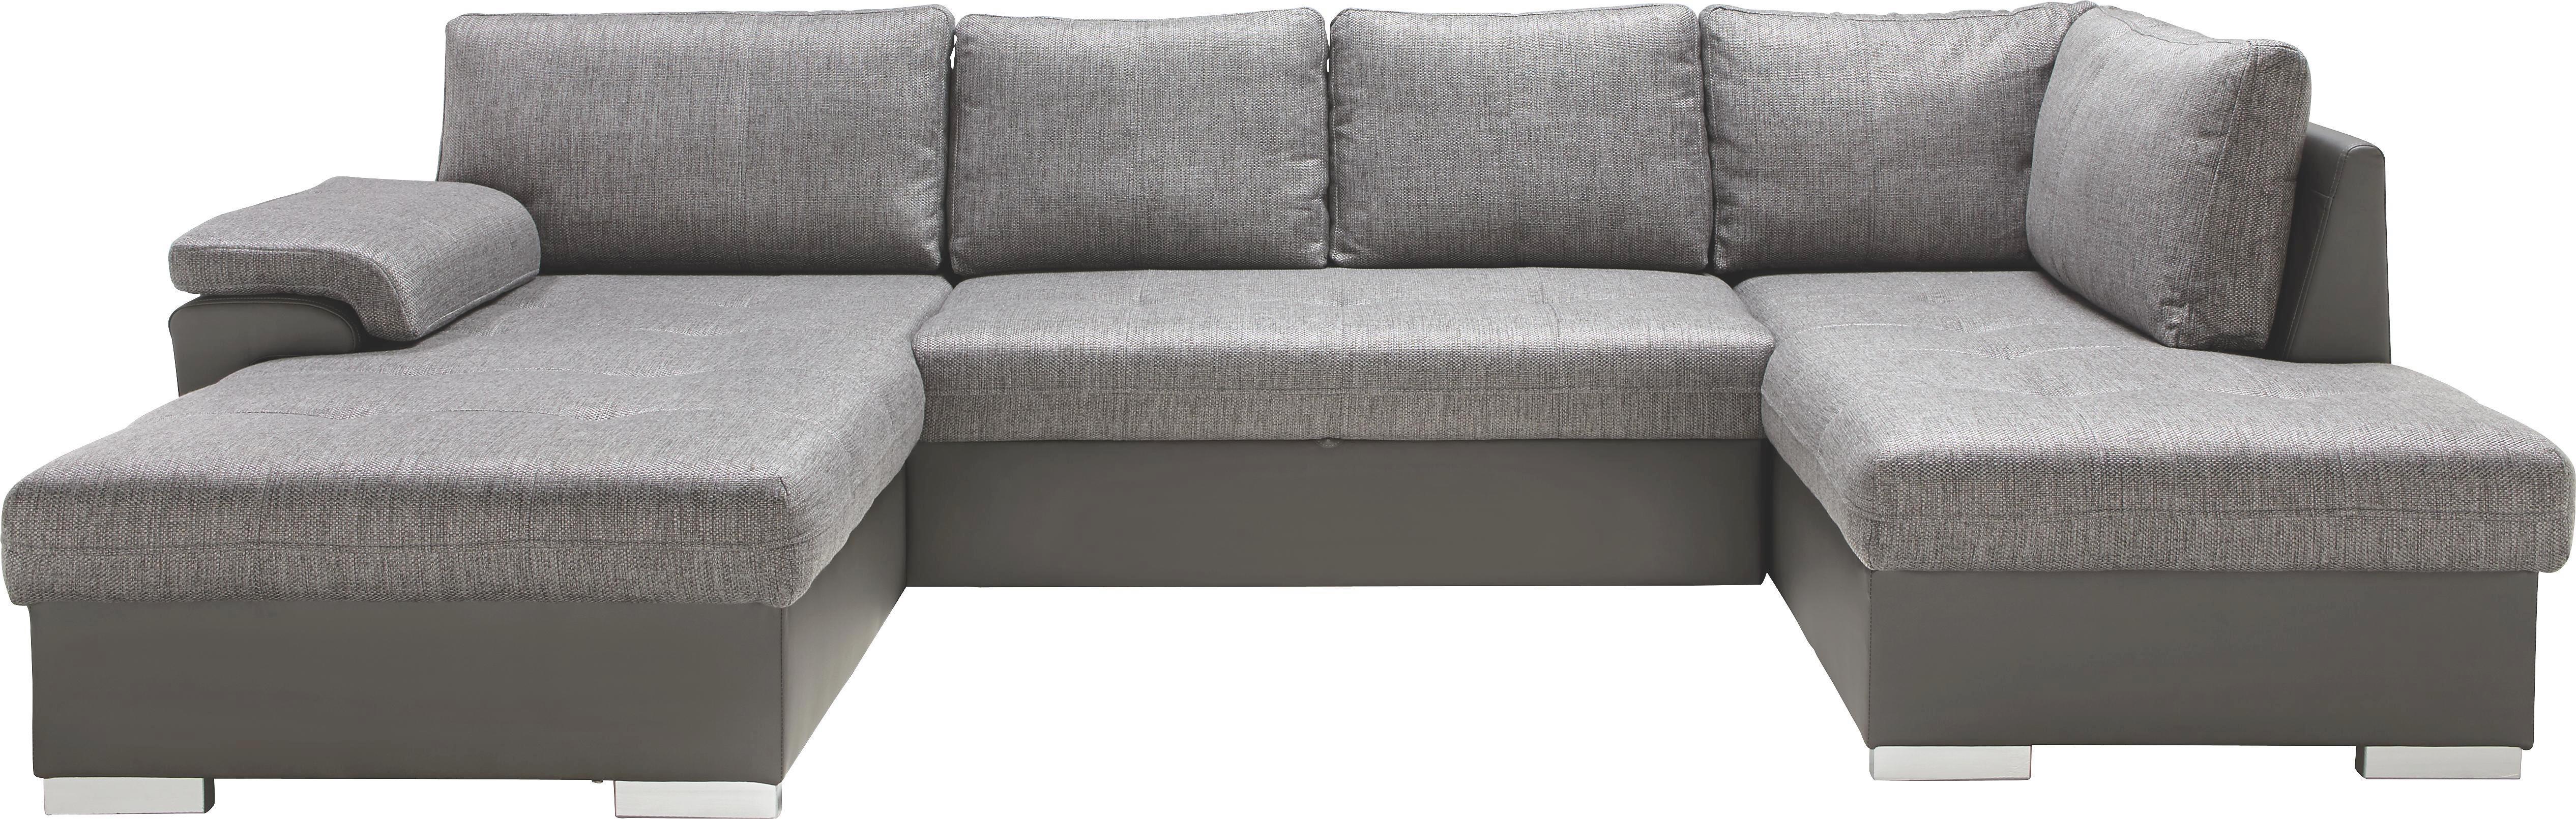 WOHNLANDSCHAFT Grau mit Bettfunktion - Silberfarben/Hellgrau, KONVENTIONELL, Karton/Holz (188/327/173cm) - MODERN LIVING